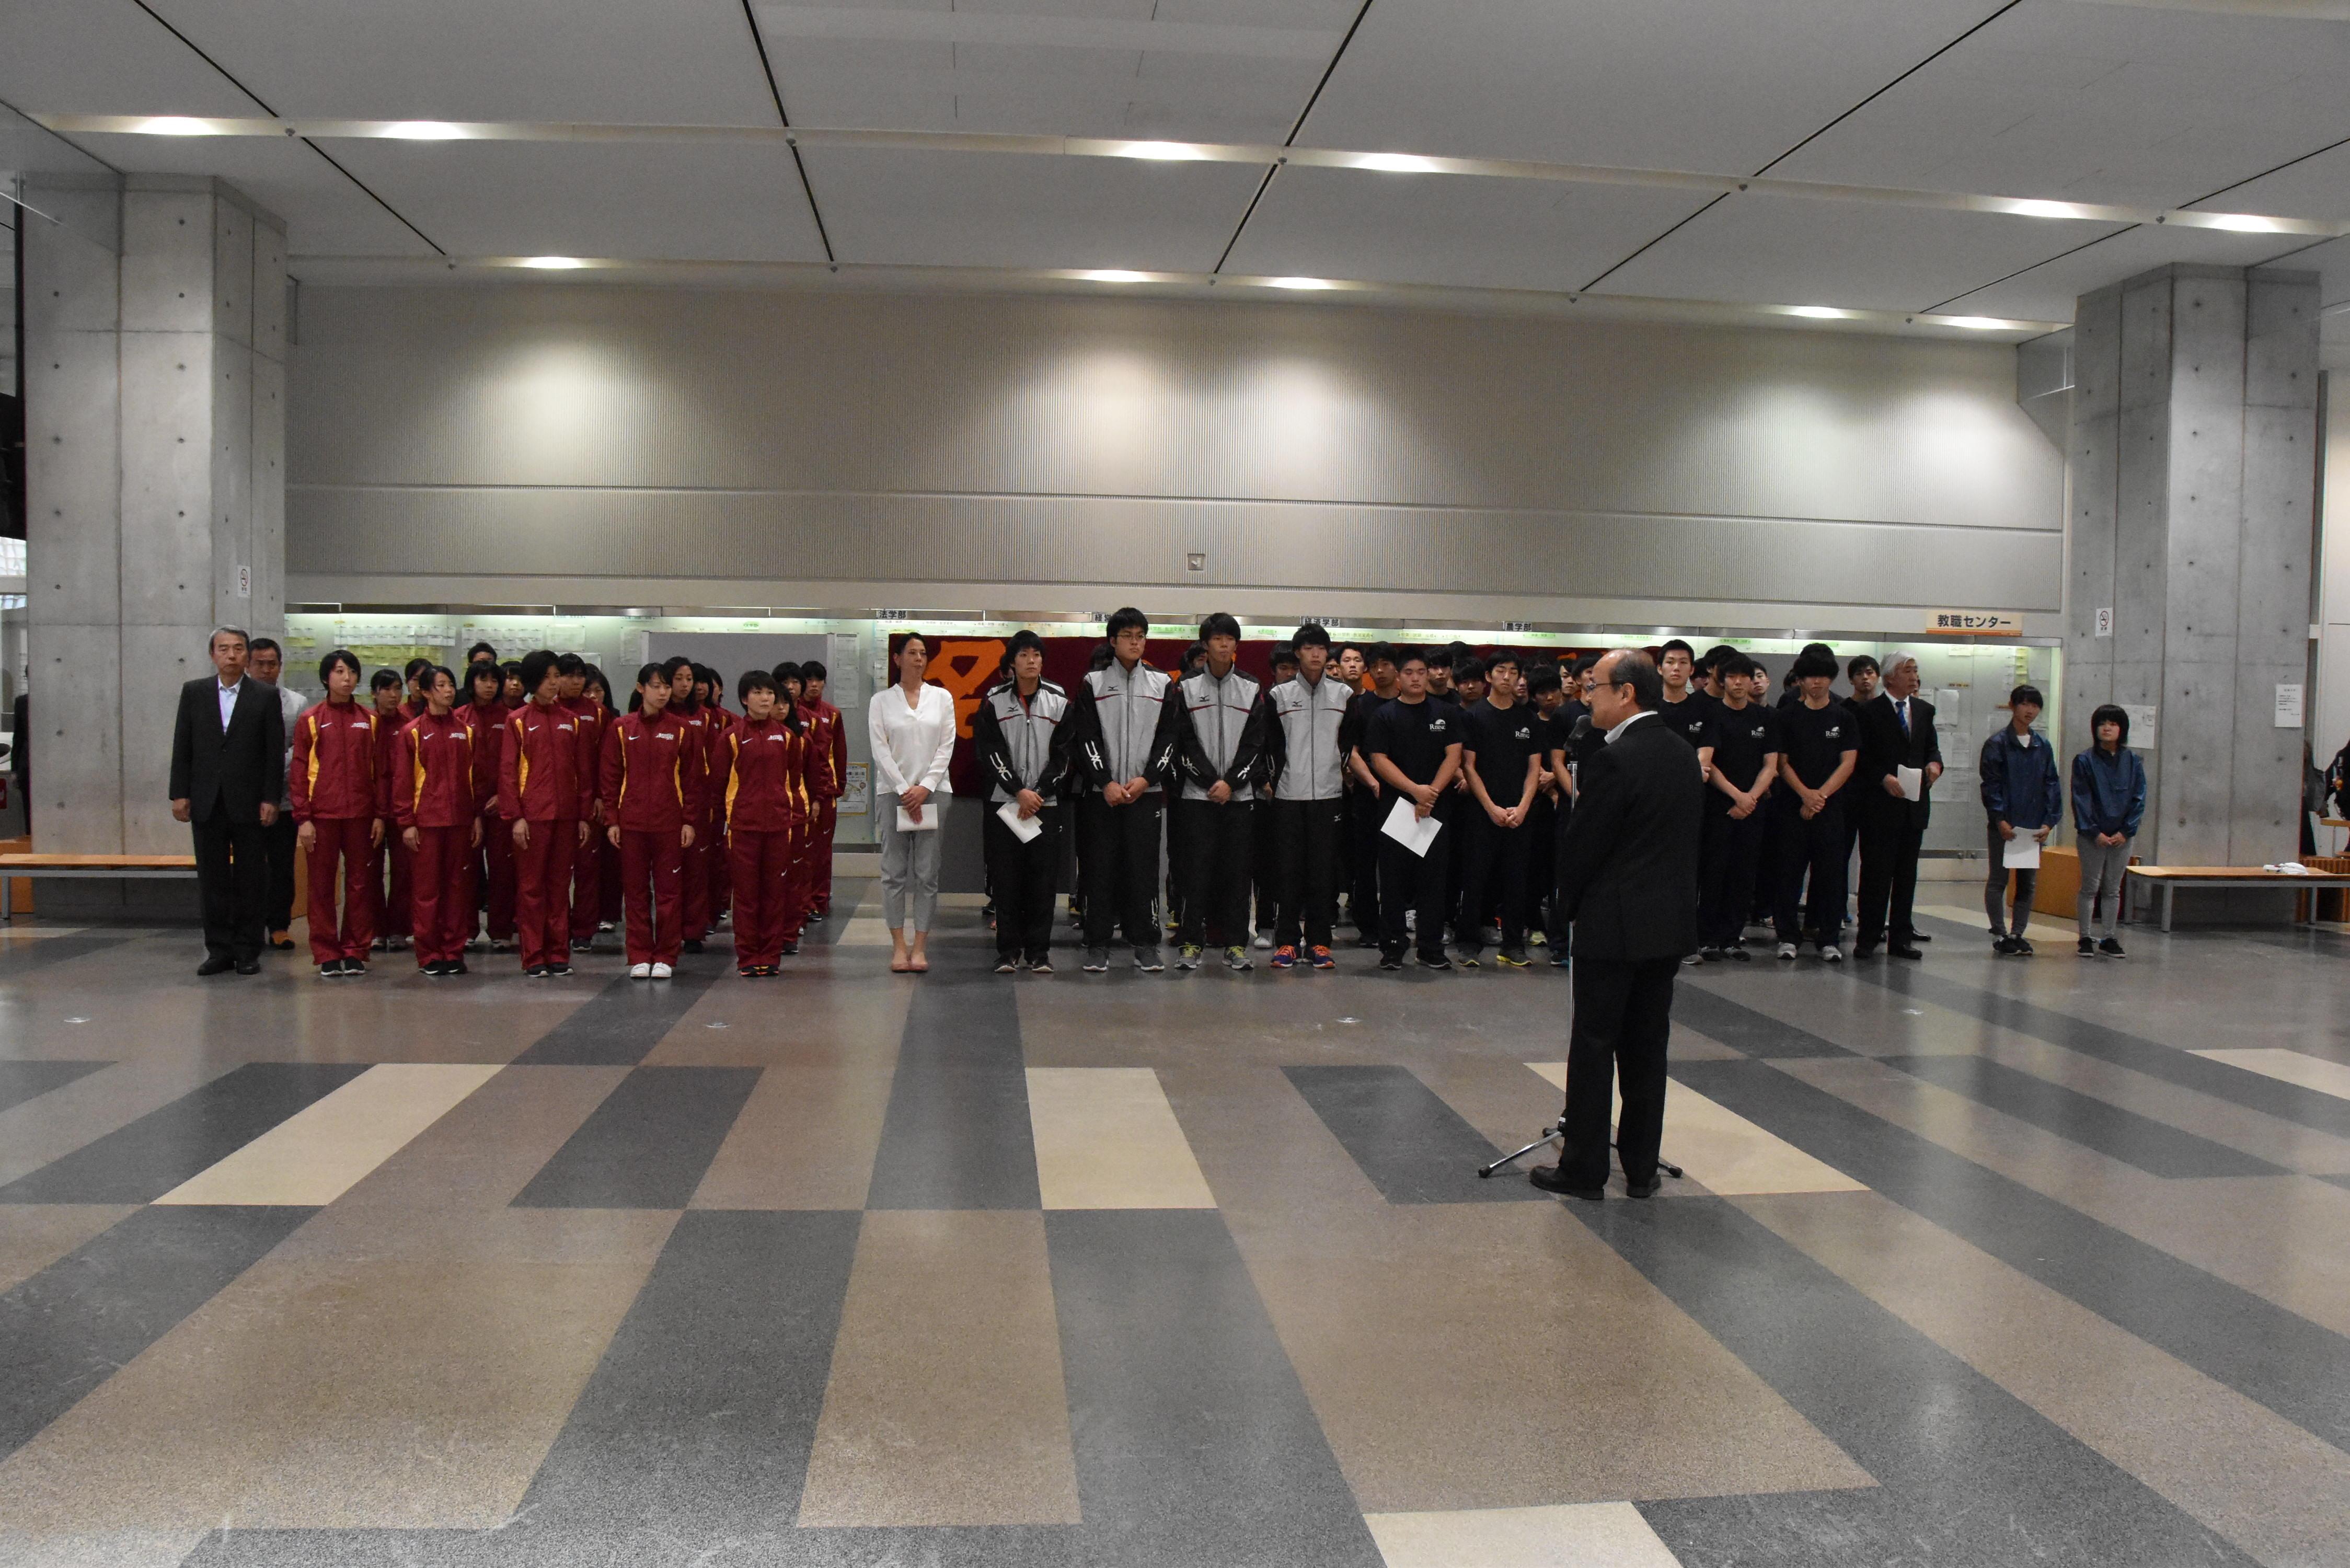 吉久光一学長(中央)の激励を受ける選手たち